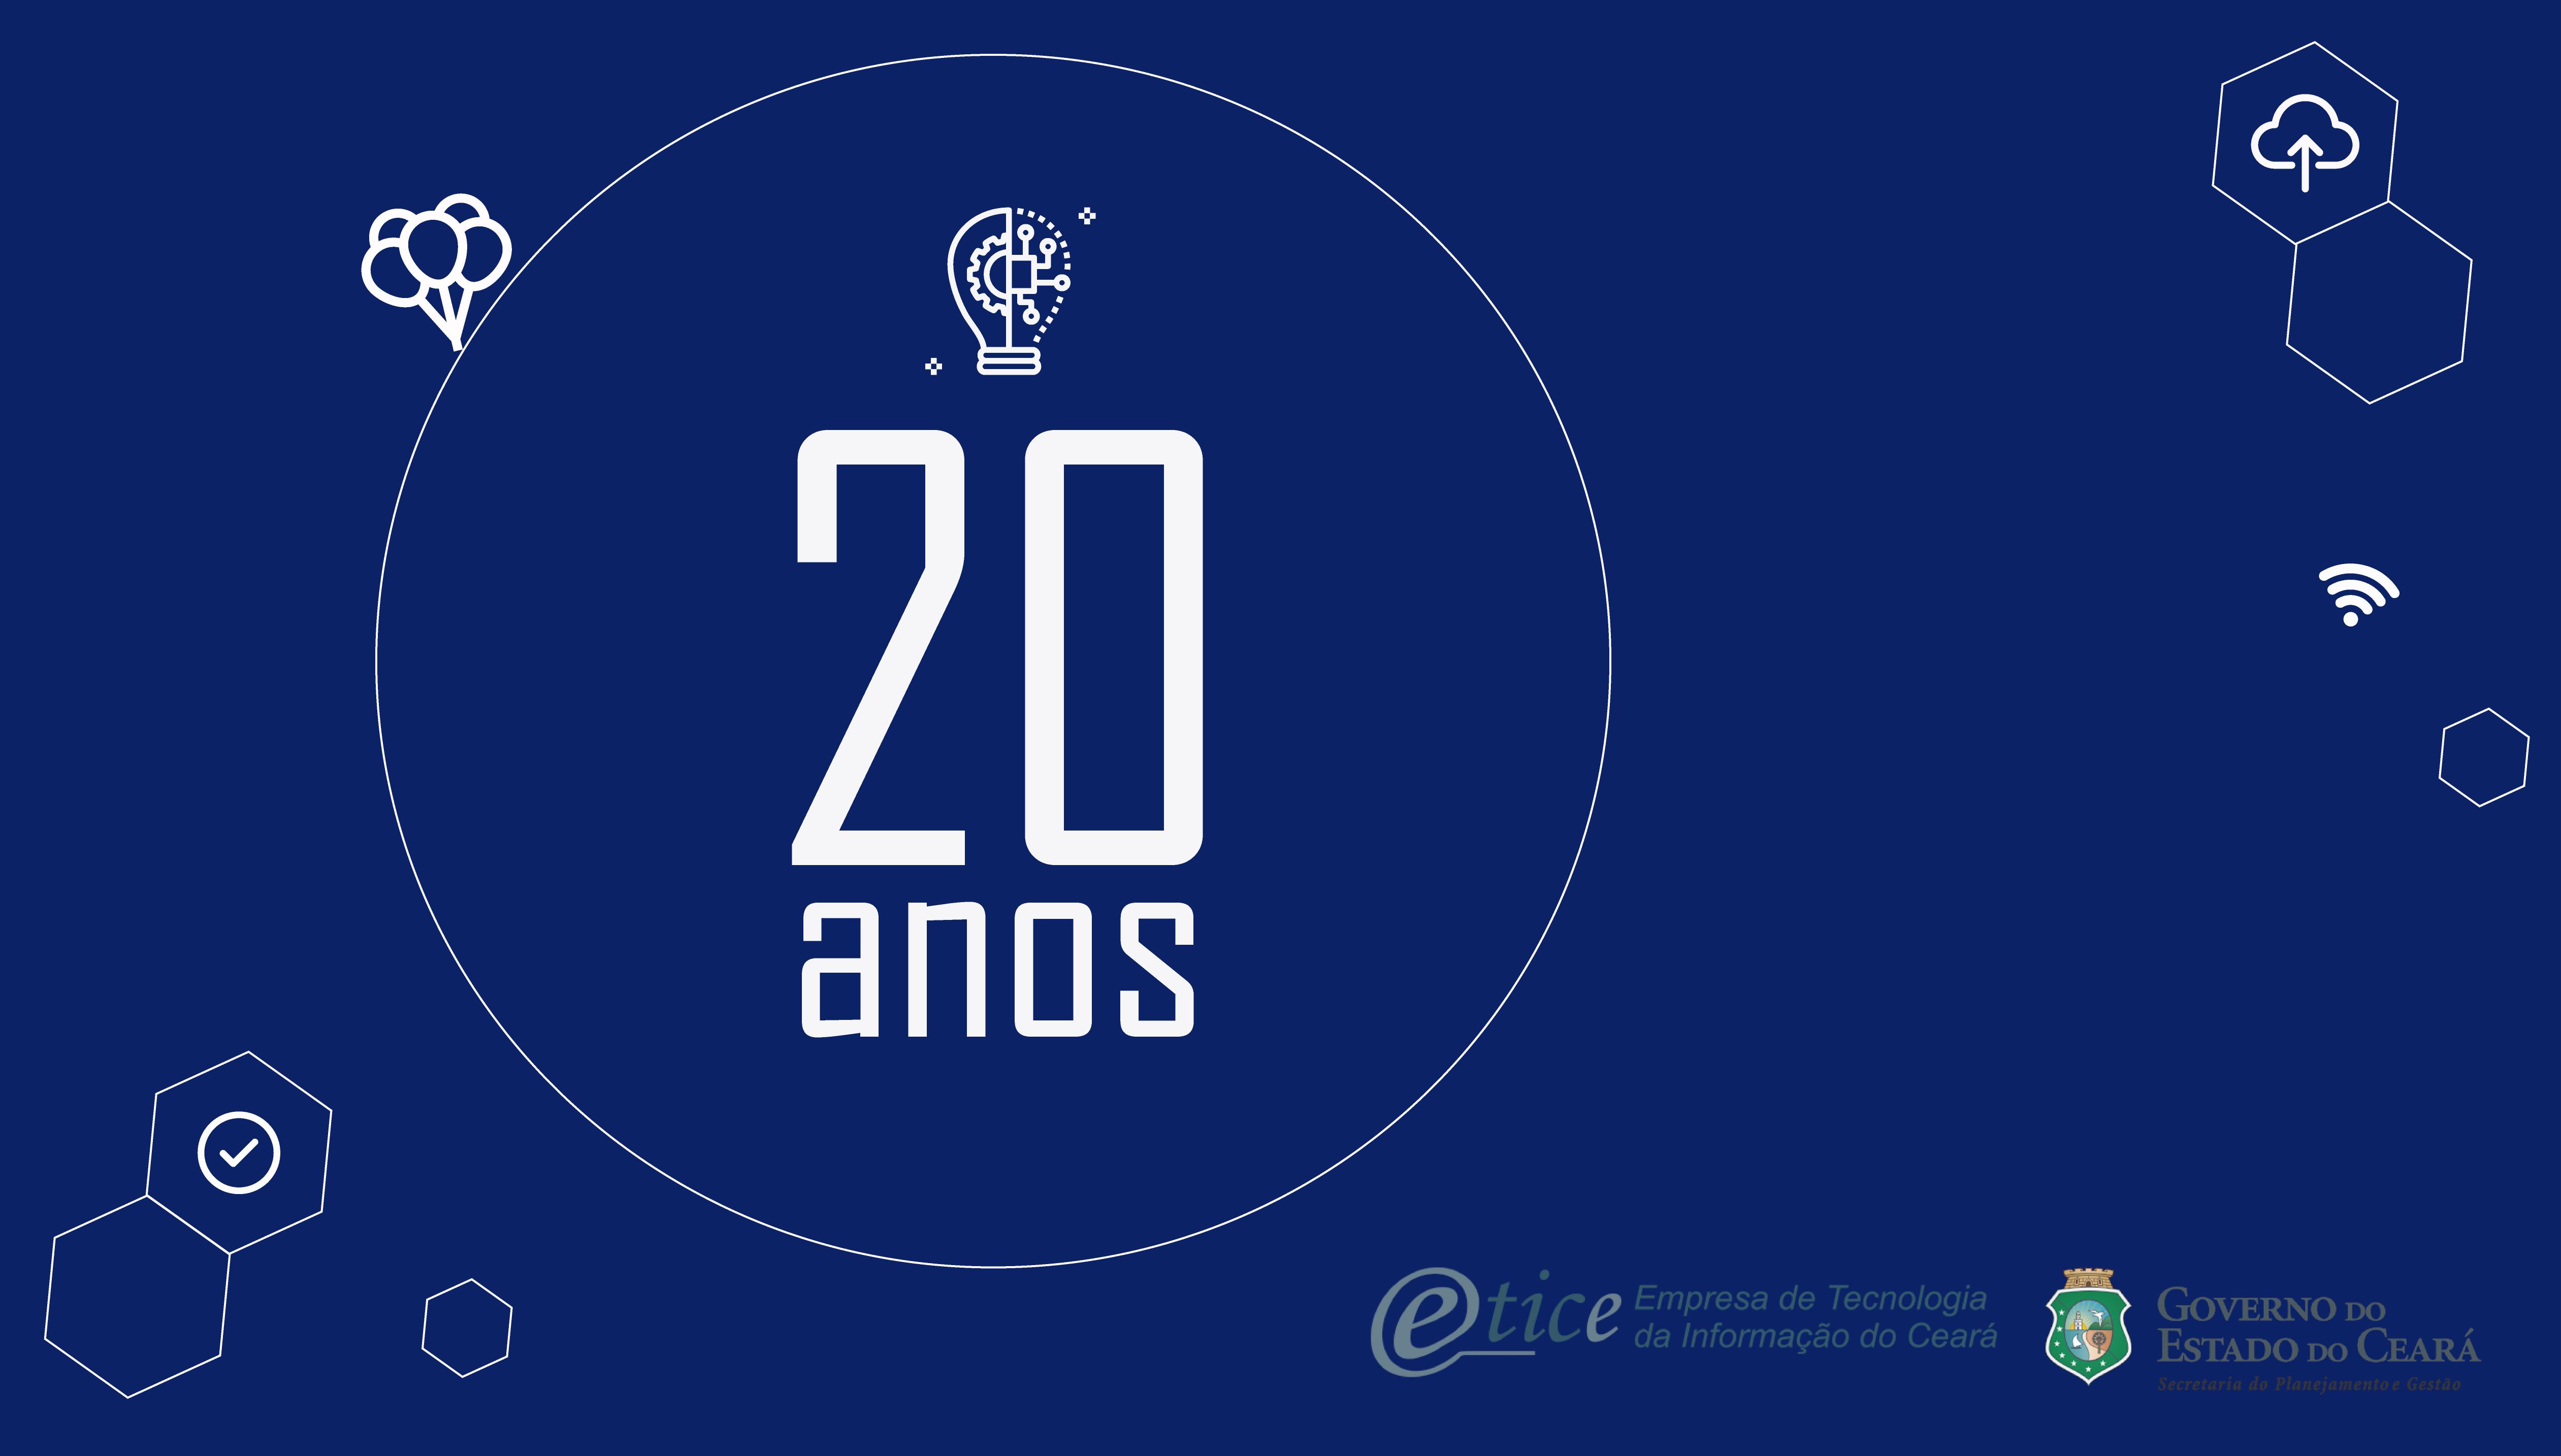 O ano é 2020 e… a Etice completa 20 anos!